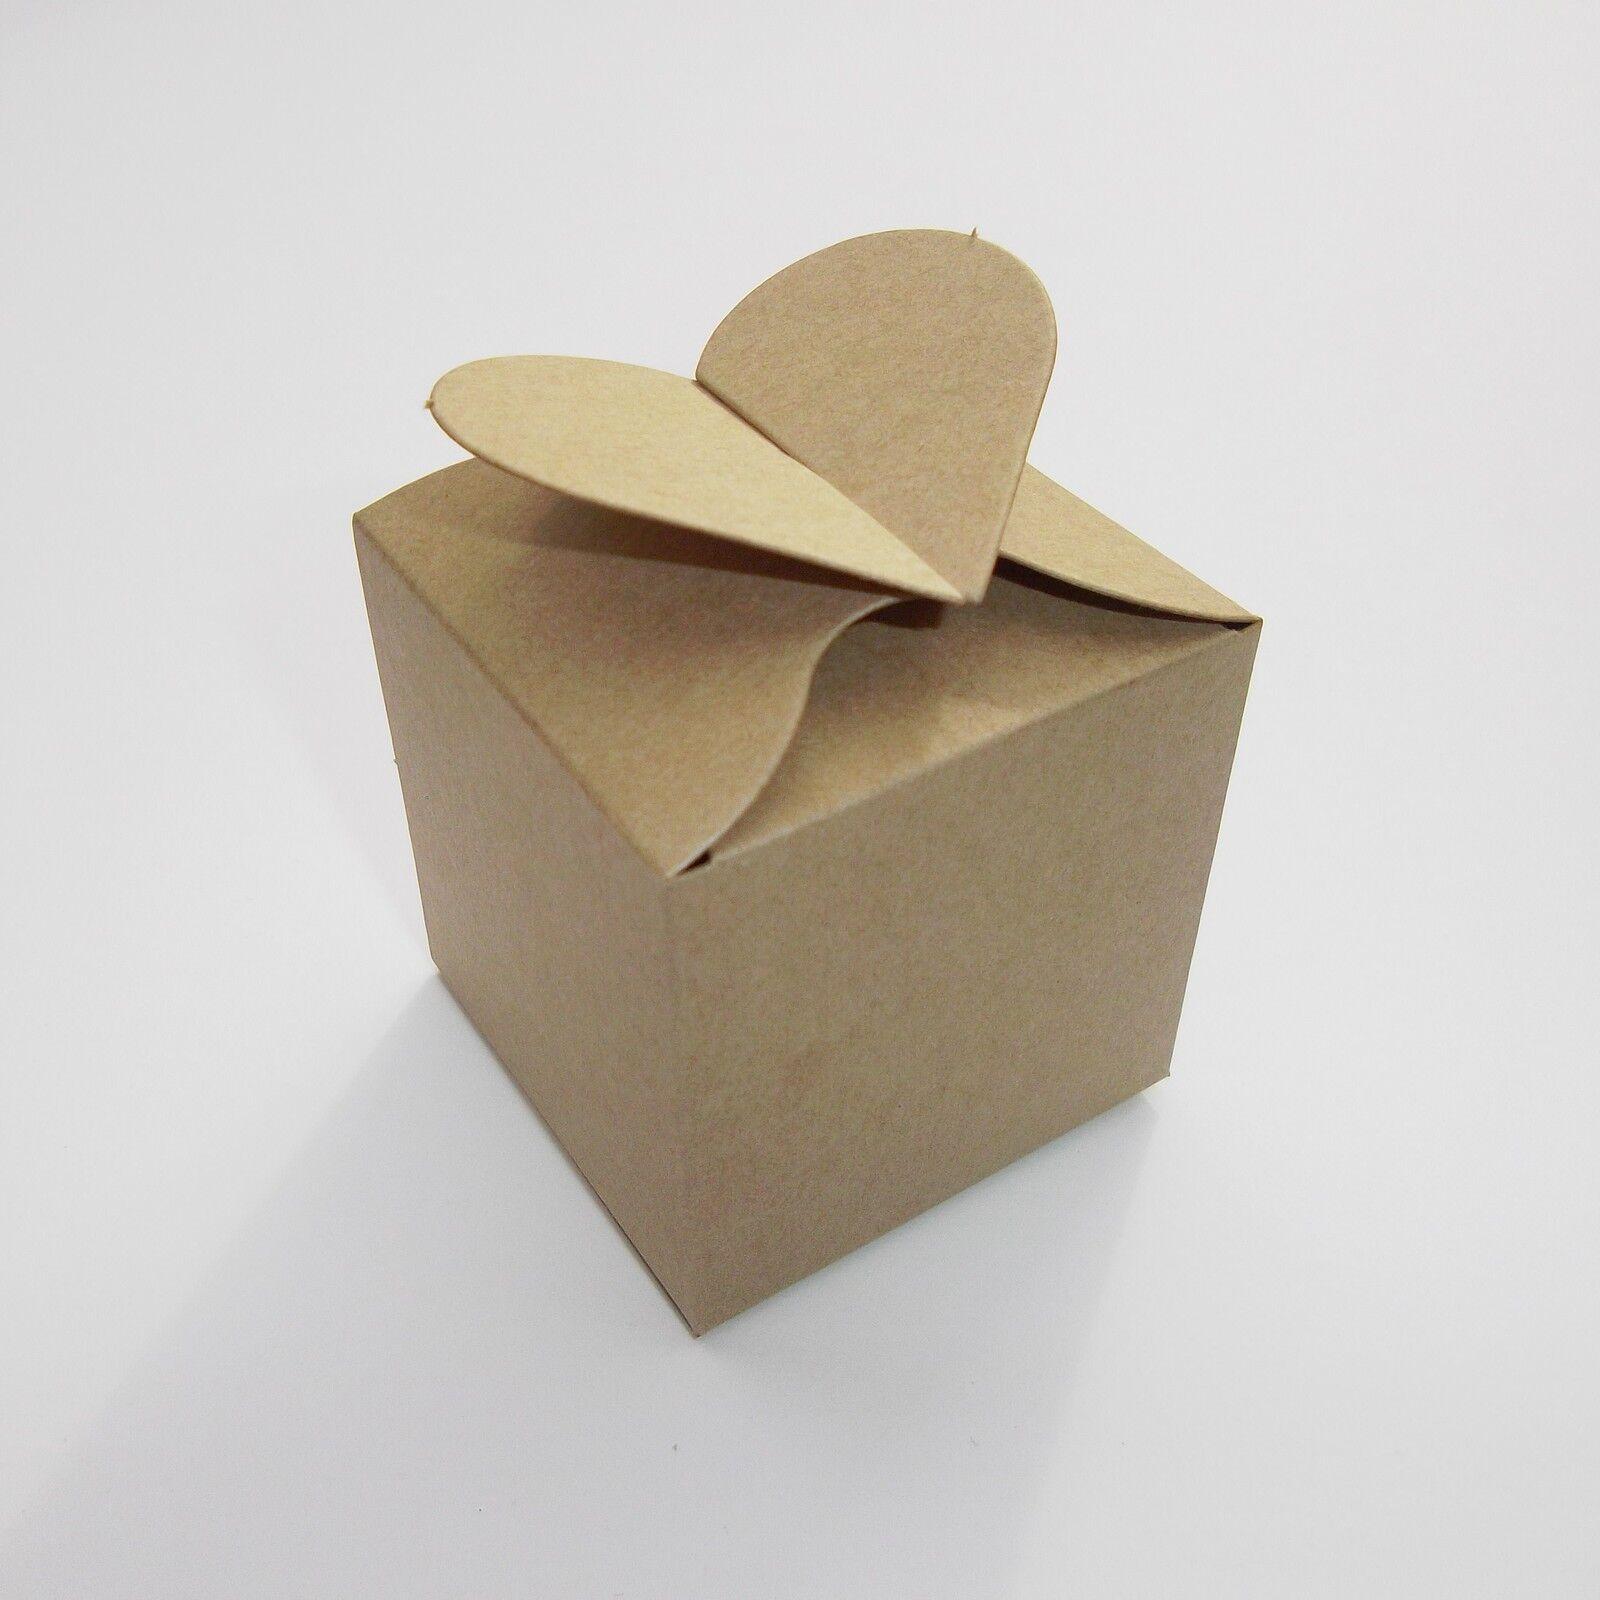 Kraft brun coeur top faveur nuptiale cases-choisir Qté-Bridal Shower